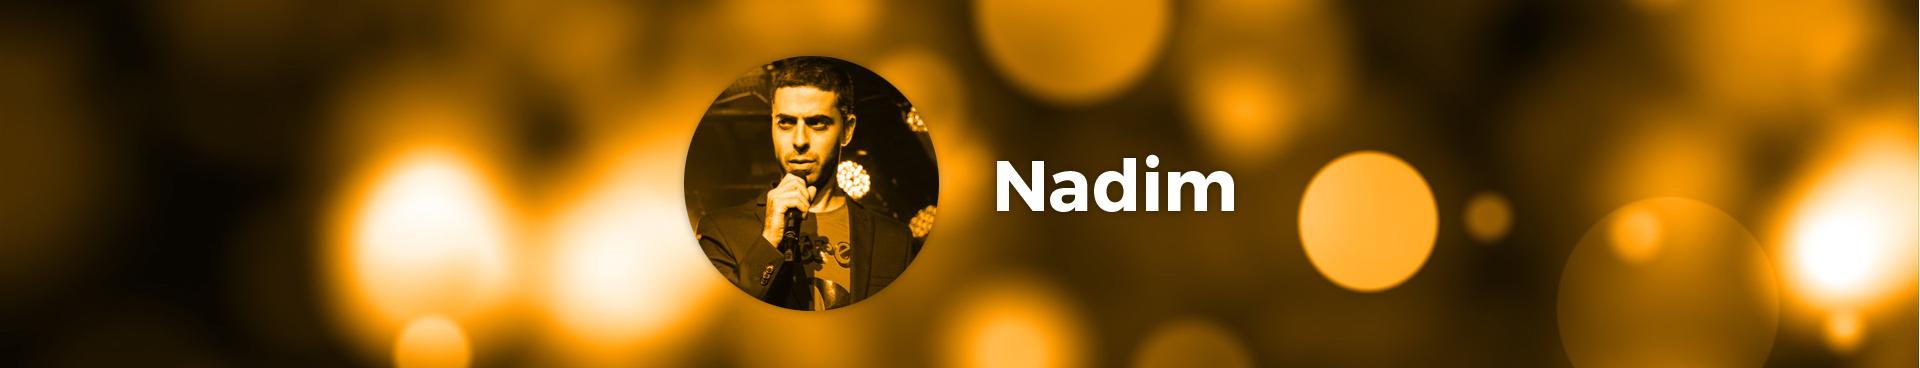 Nadim, artiste Le Spot du Rire